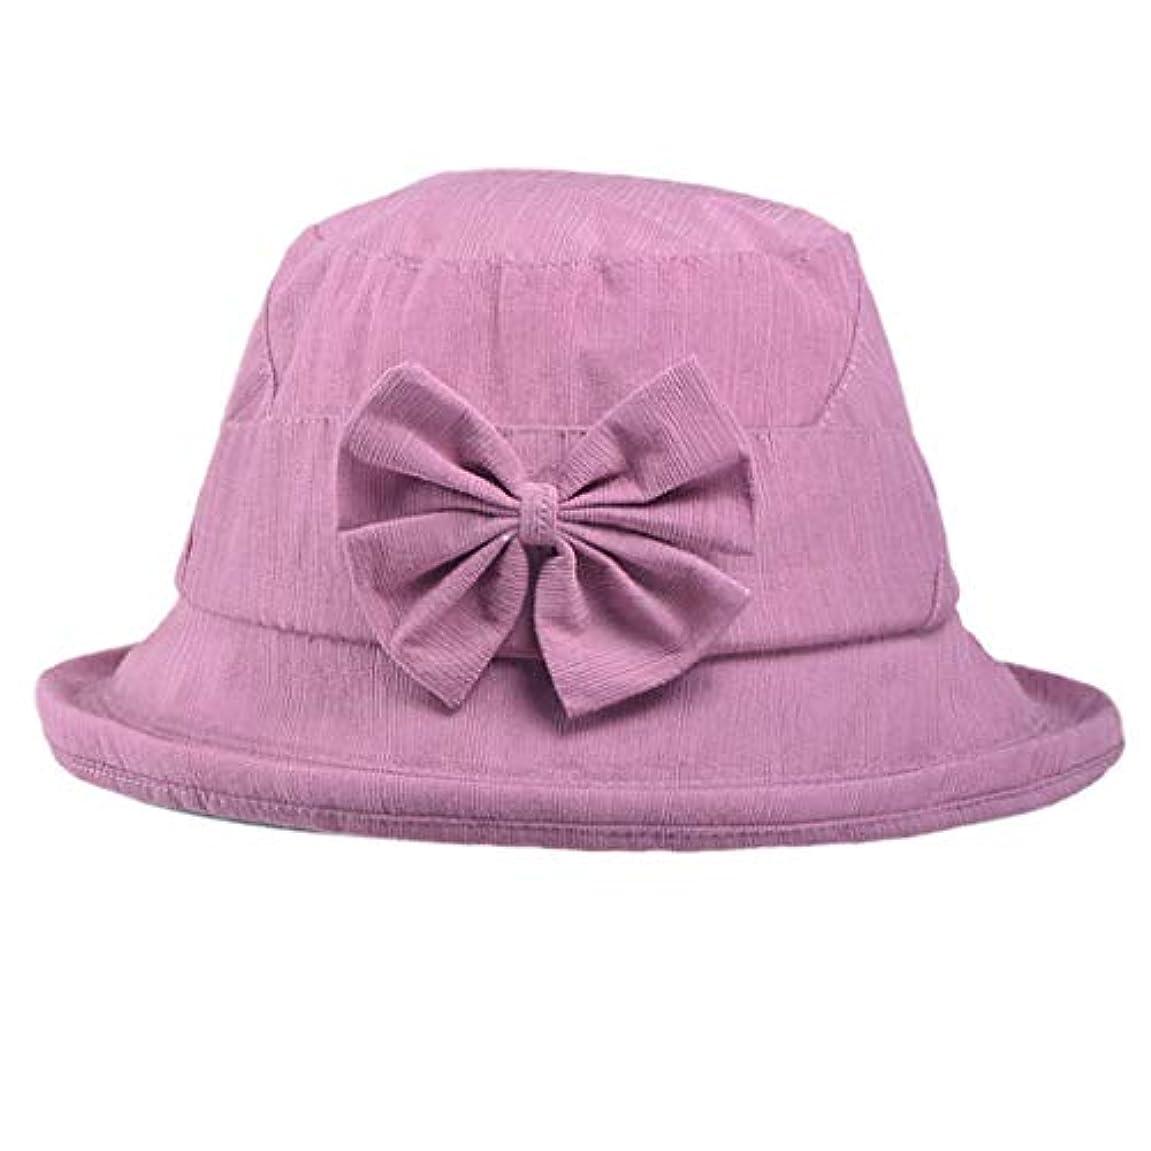 話す常に排泄物ファッション小物 夏 帽子 レディース UVカット 帽子 アウトドア 夏 春 UVカット 帽子 蝶結び 漁師帽 日焼け防止 つば広 無地 ハット レディース 女性 紫外線対策 大きいサイズ 夏季 ビーチ ROSE ROMAN